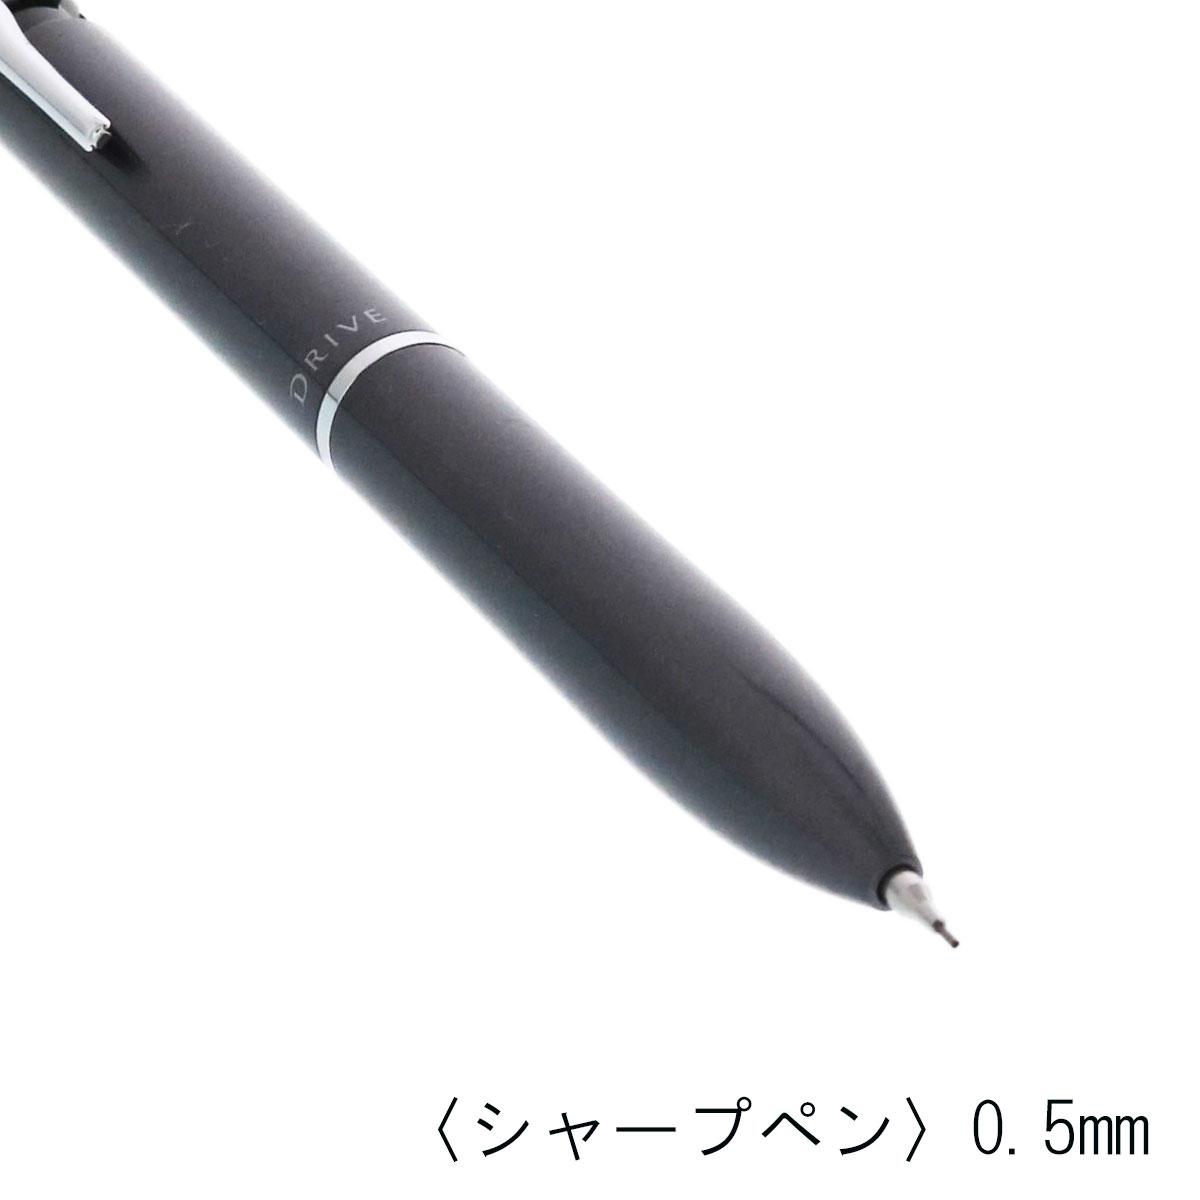 パイロット ツープラスワンアクロ ドライブ (0.7mm細字)